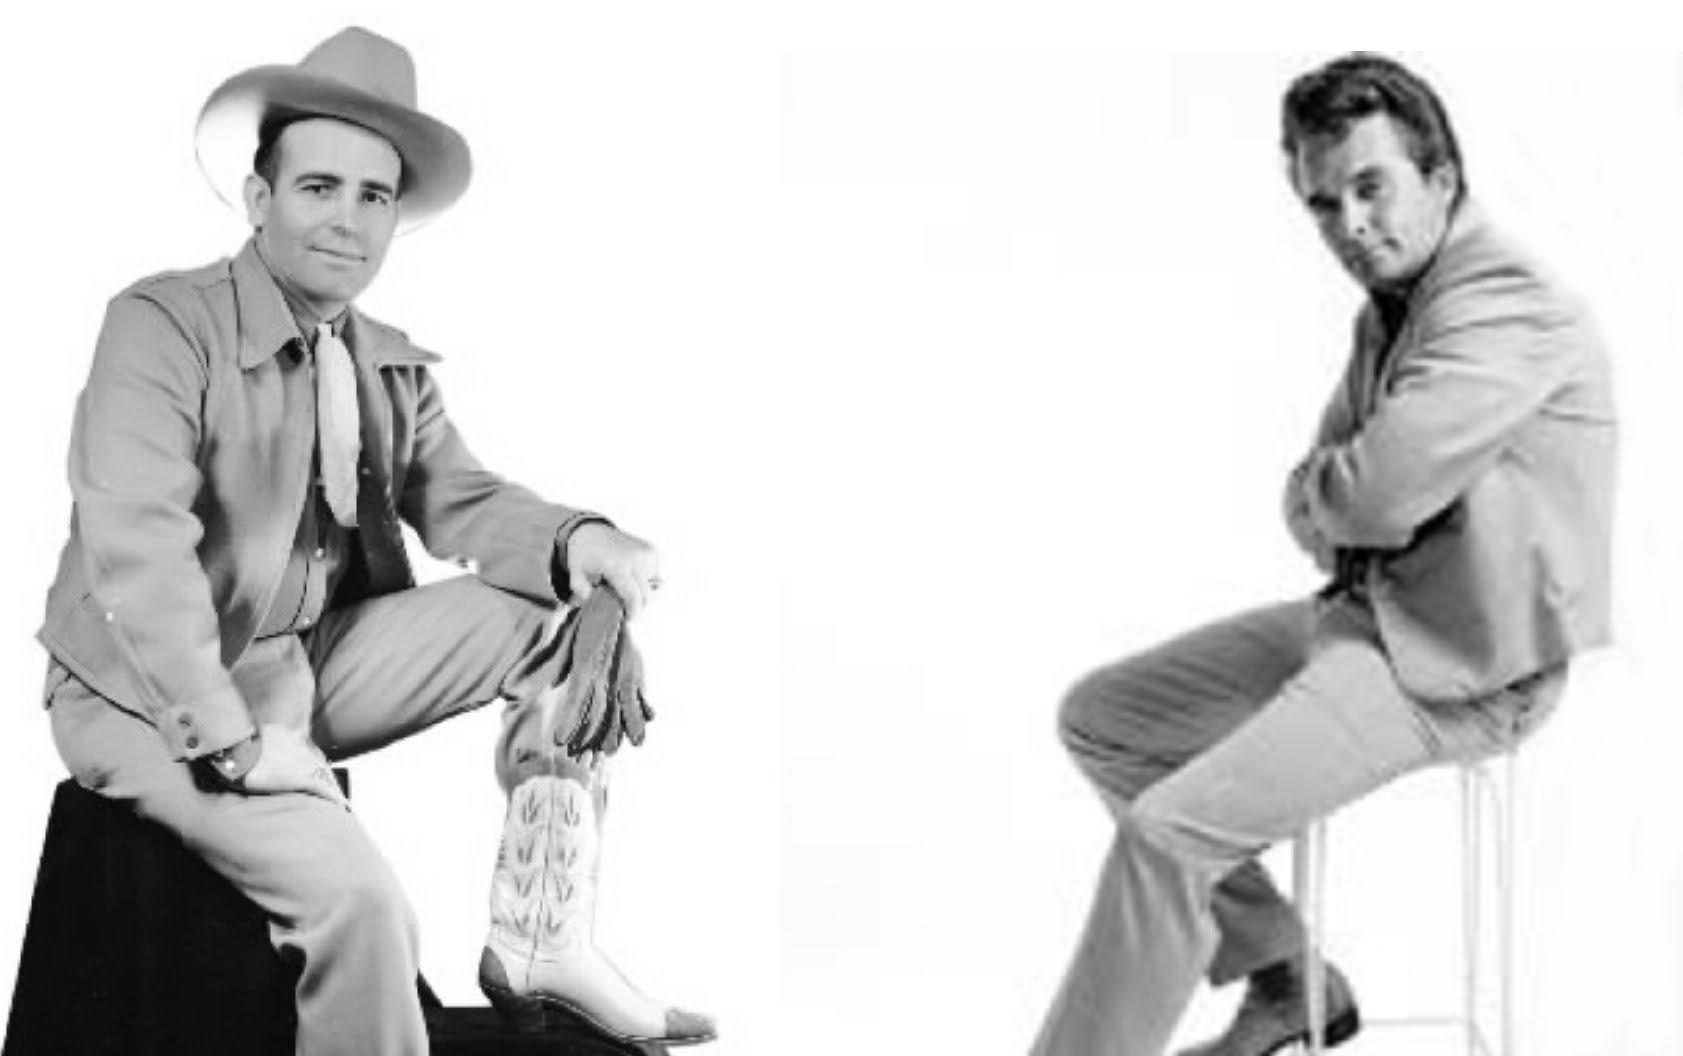 Bob Wills and Merle Haggard